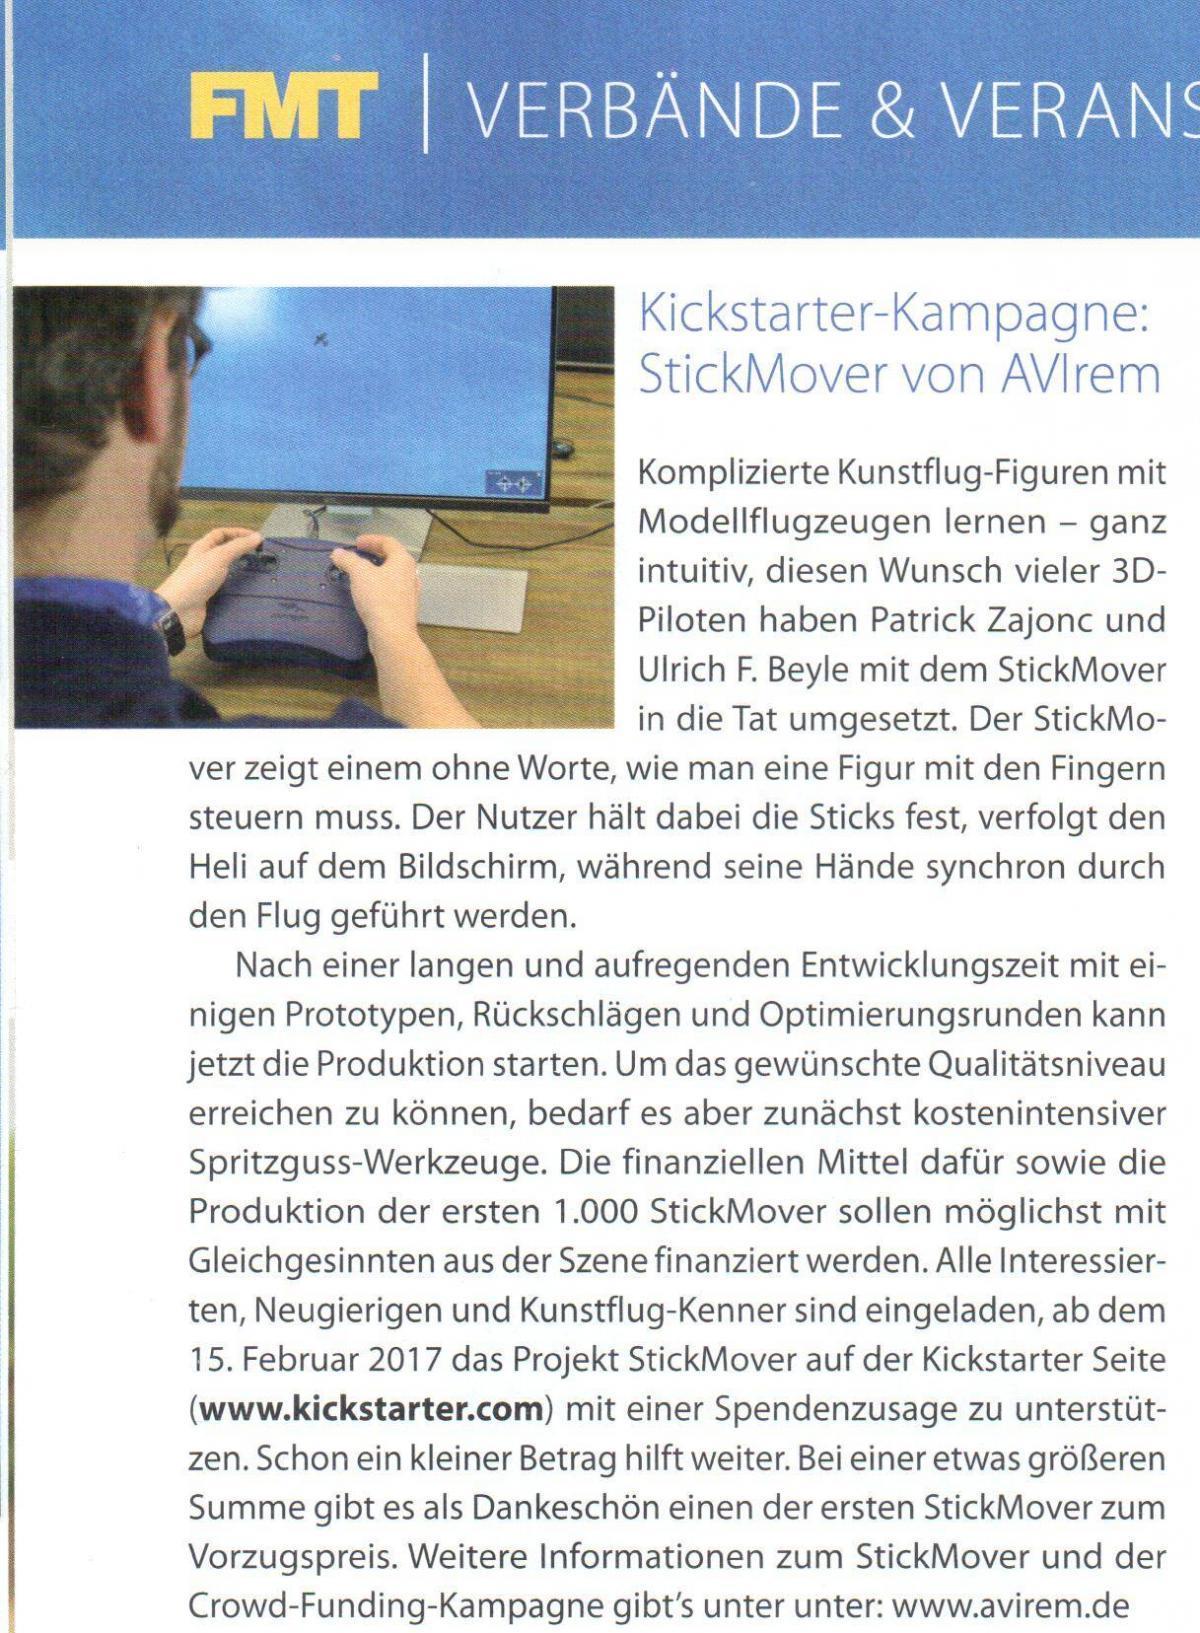 PR Artikel über den StickMover